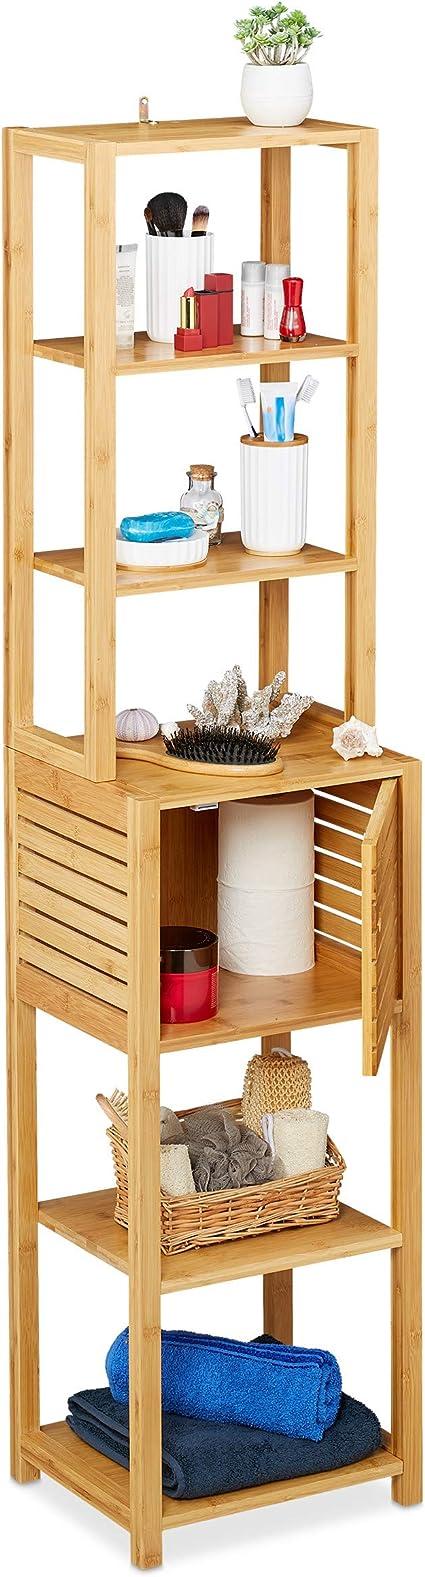 Relaxdays Estantería de baño, Siete baldas, con Puerta, Mueble Auxiliar Estrecho, Bambú, 149x35x29 cm, 1 Ud, Marrón